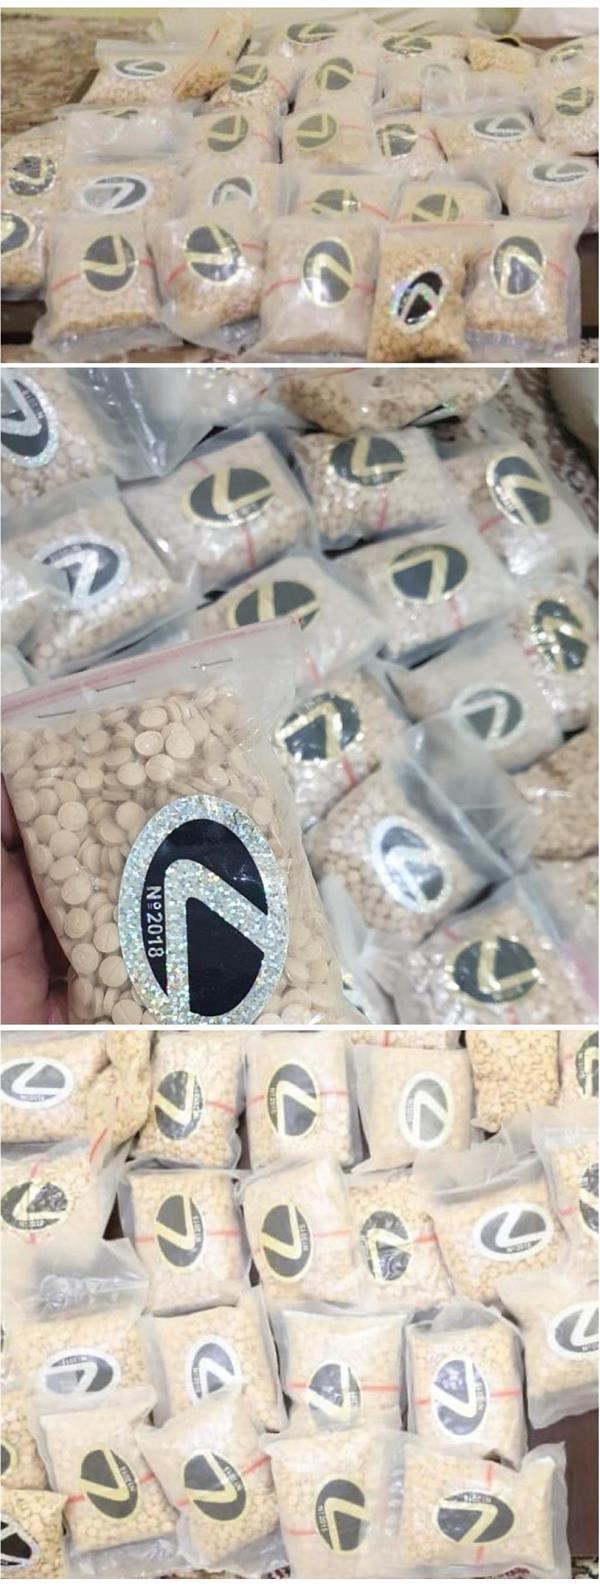 القبض على مواطن روّج 10 آلاف قرص من الأمفيتامين المخدر بمكة المكرمة.